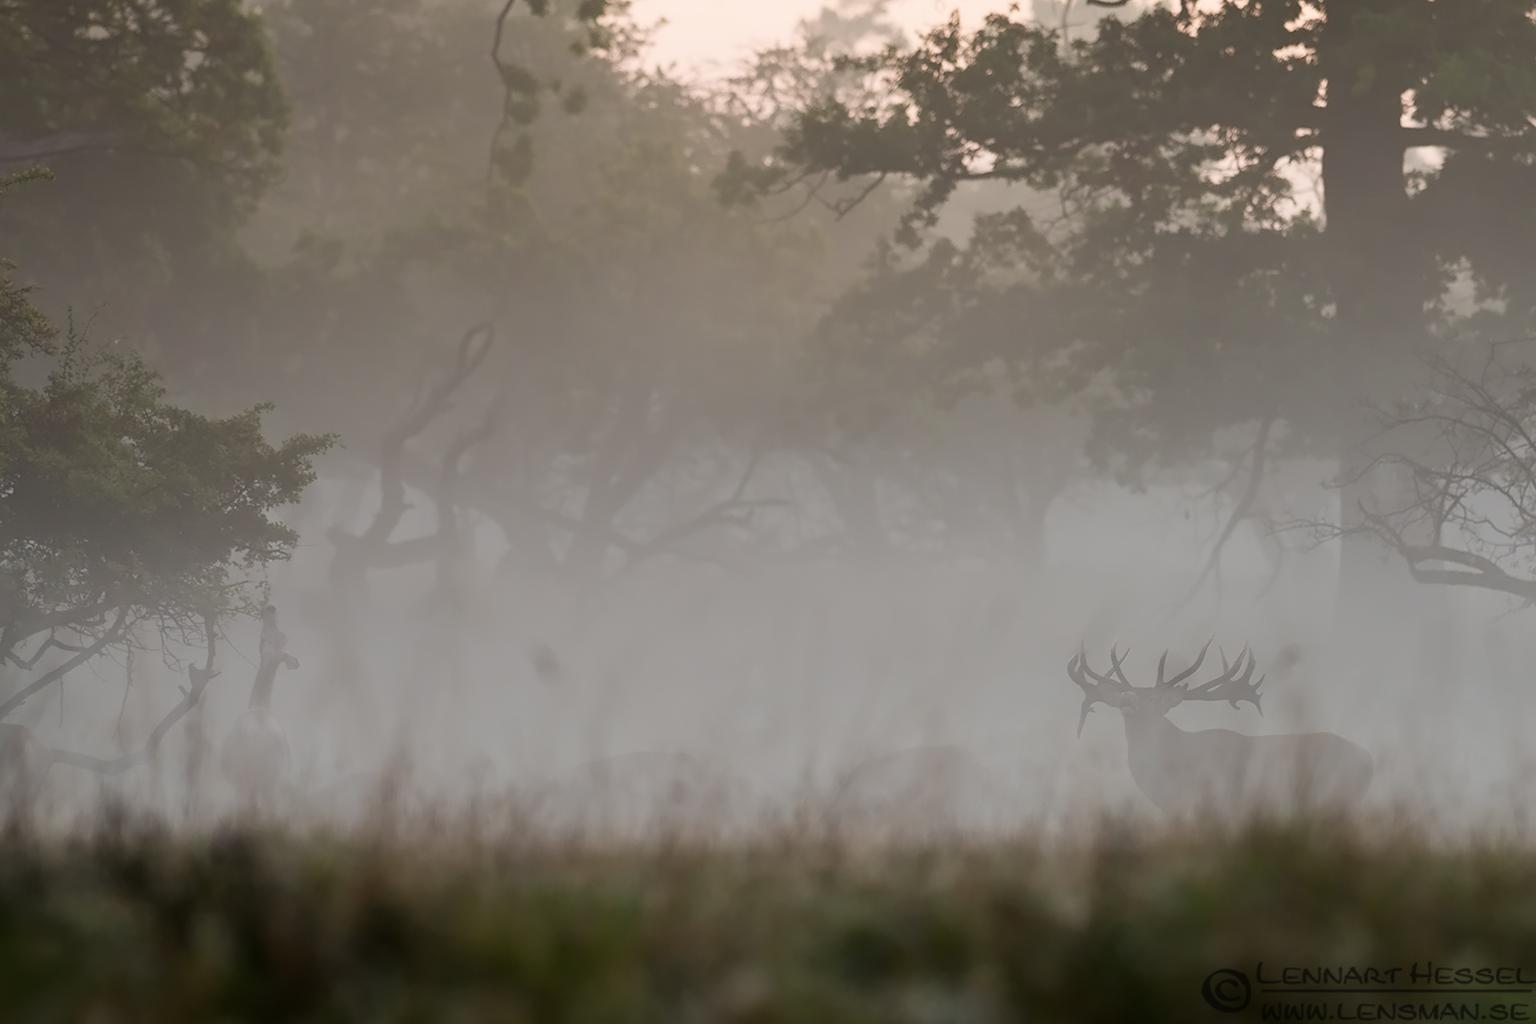 Red Deer's in the mist weekend